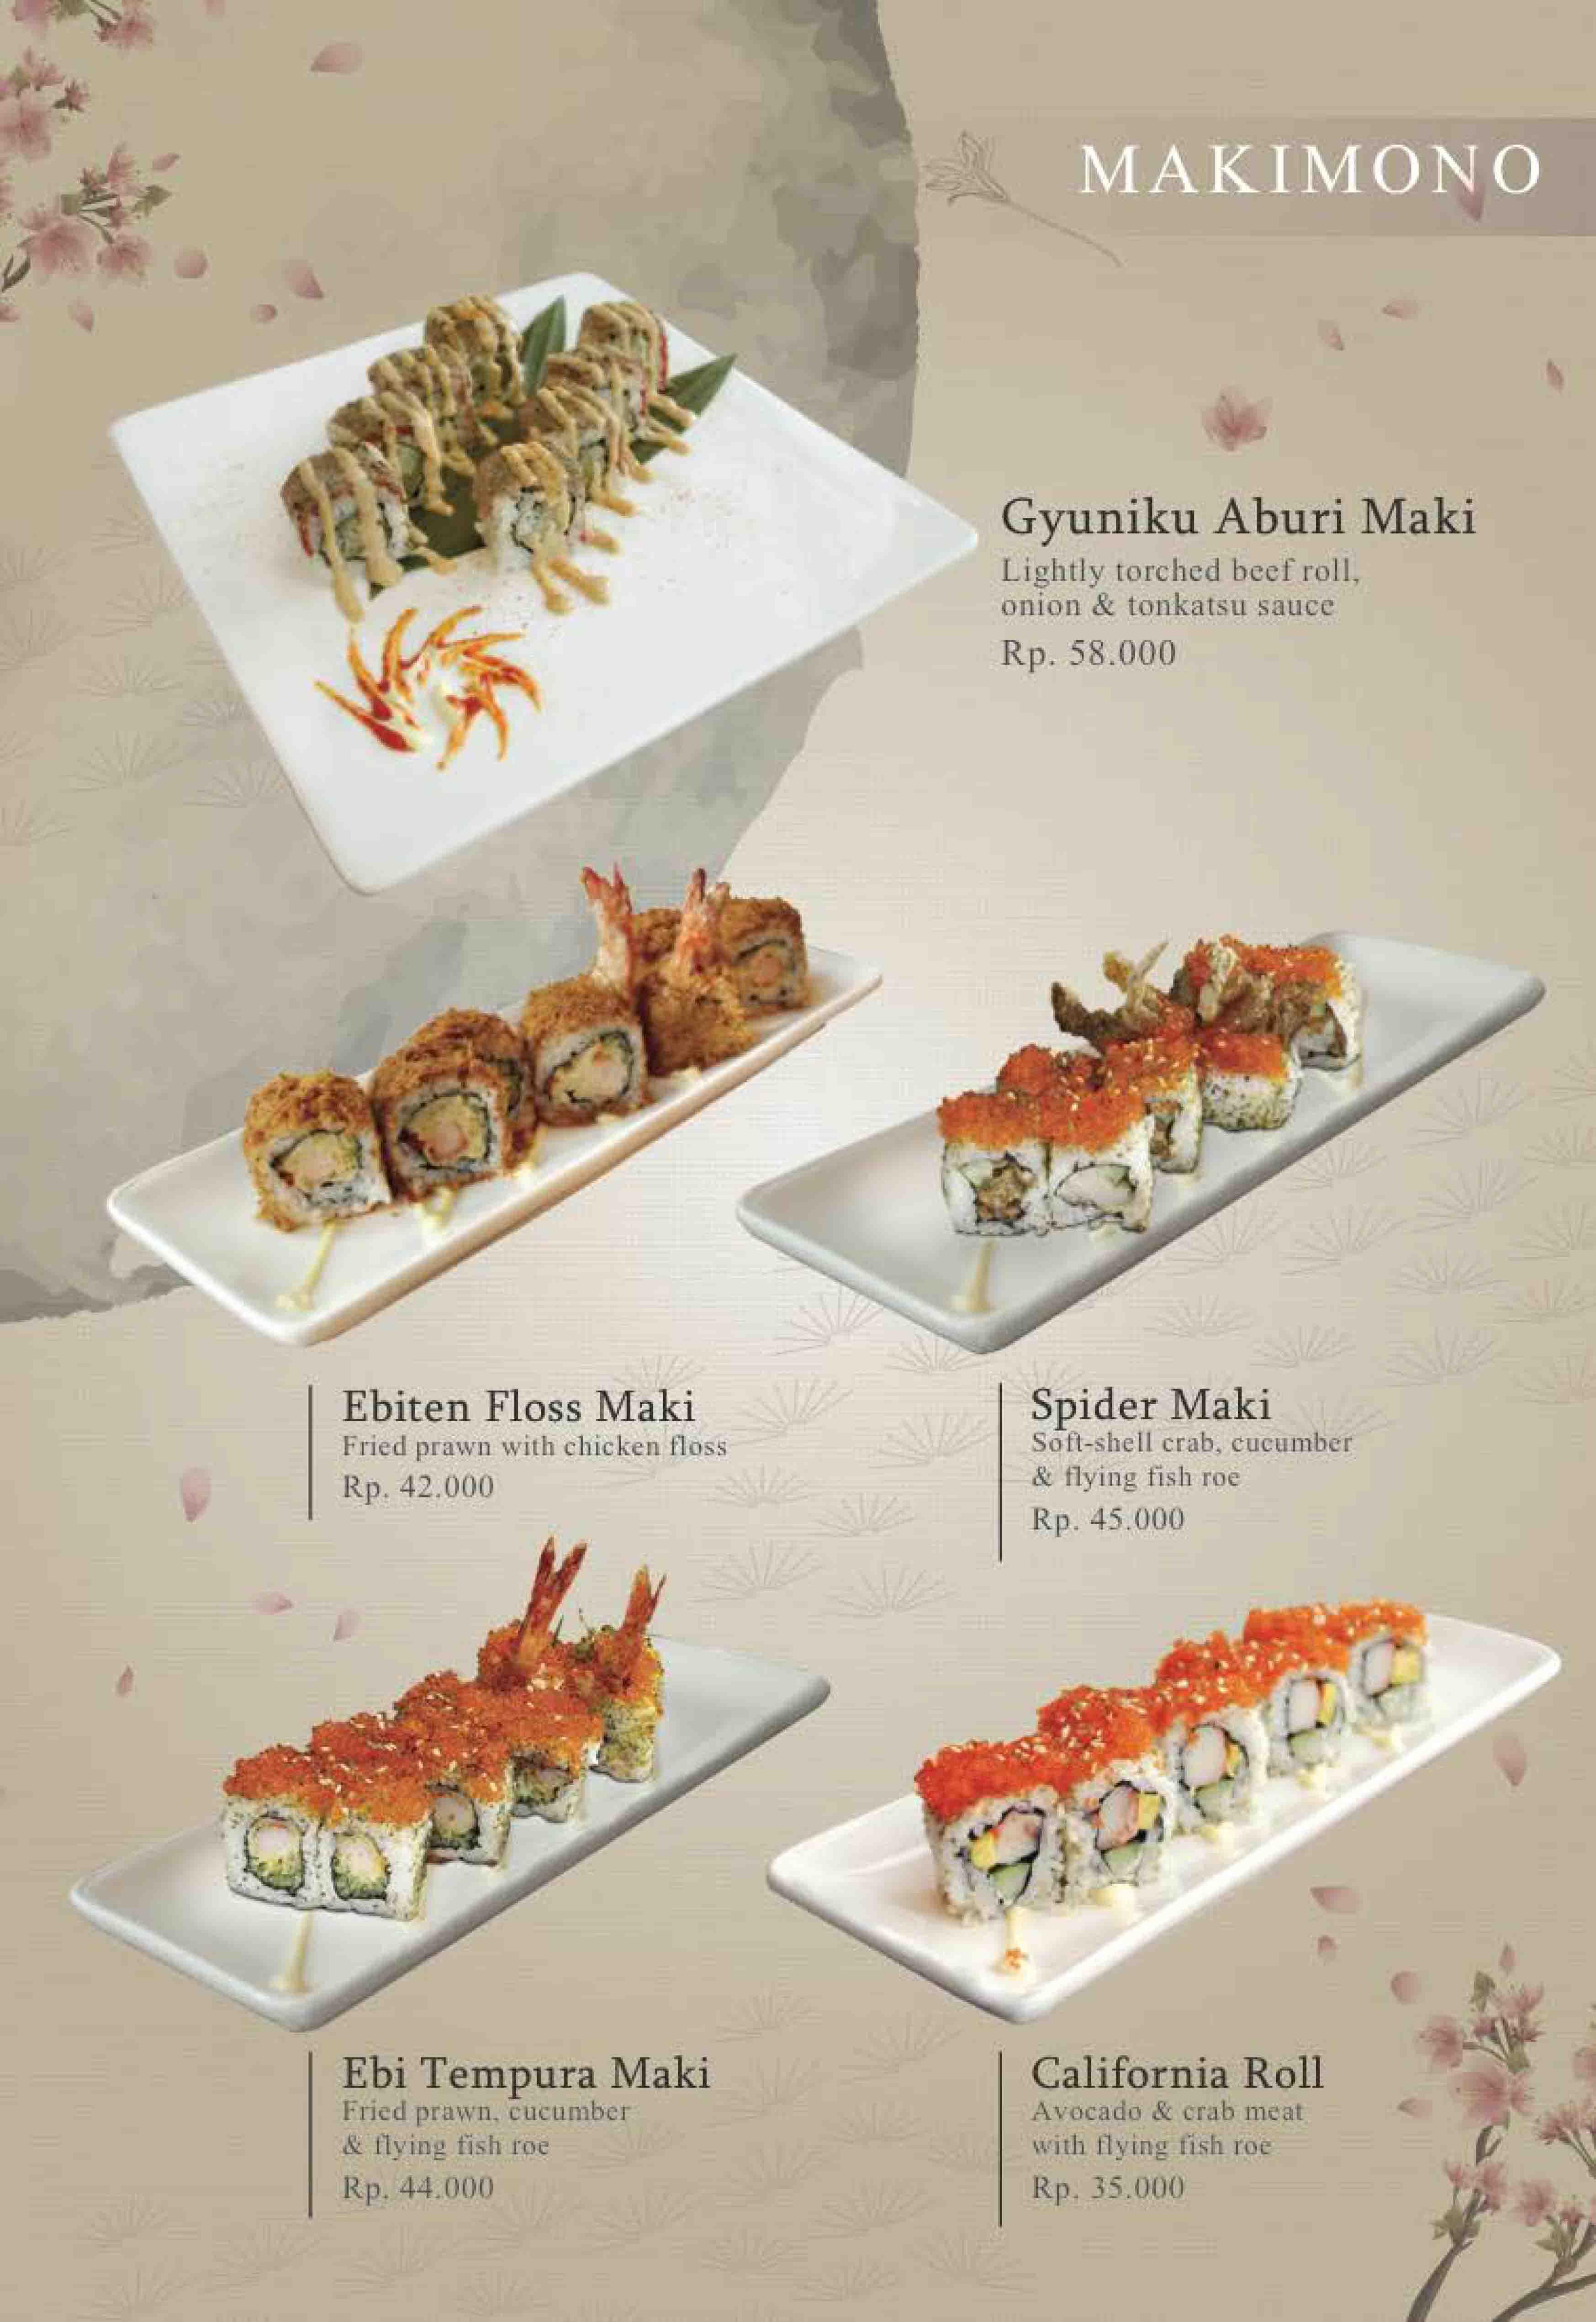 Miyagi - Gandaria City | Dining - RegistryE com